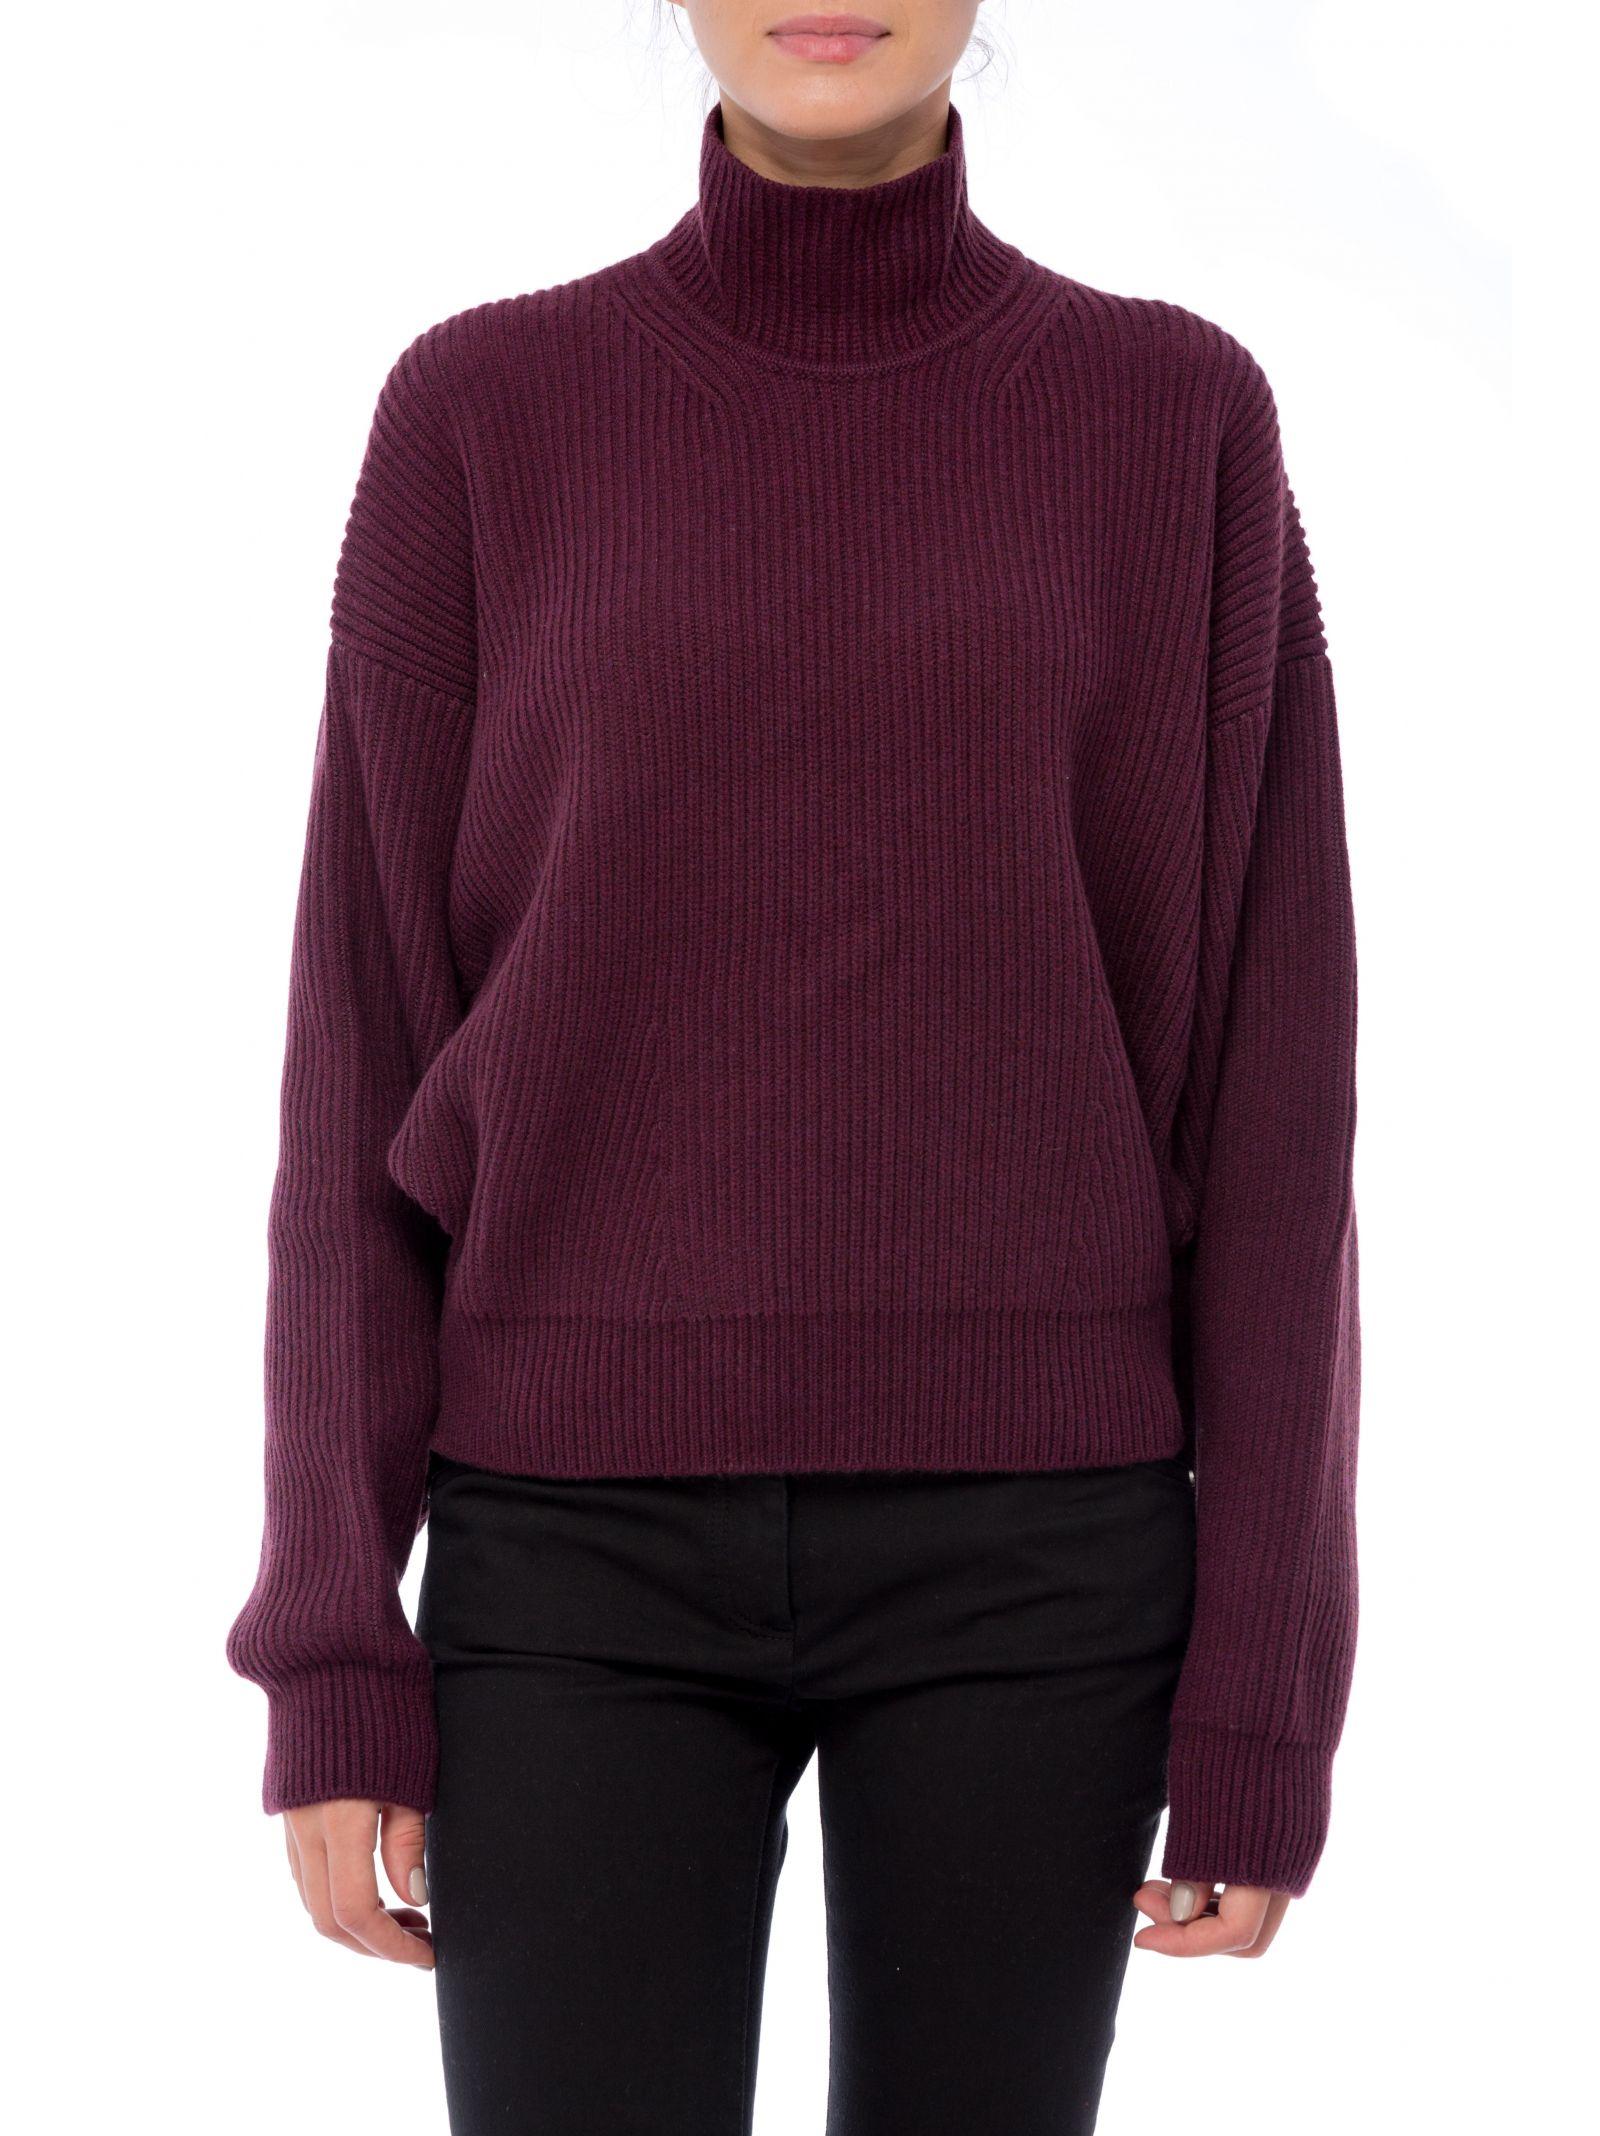 Balenciaga Sweater - Balenciaga - Lingotto 2